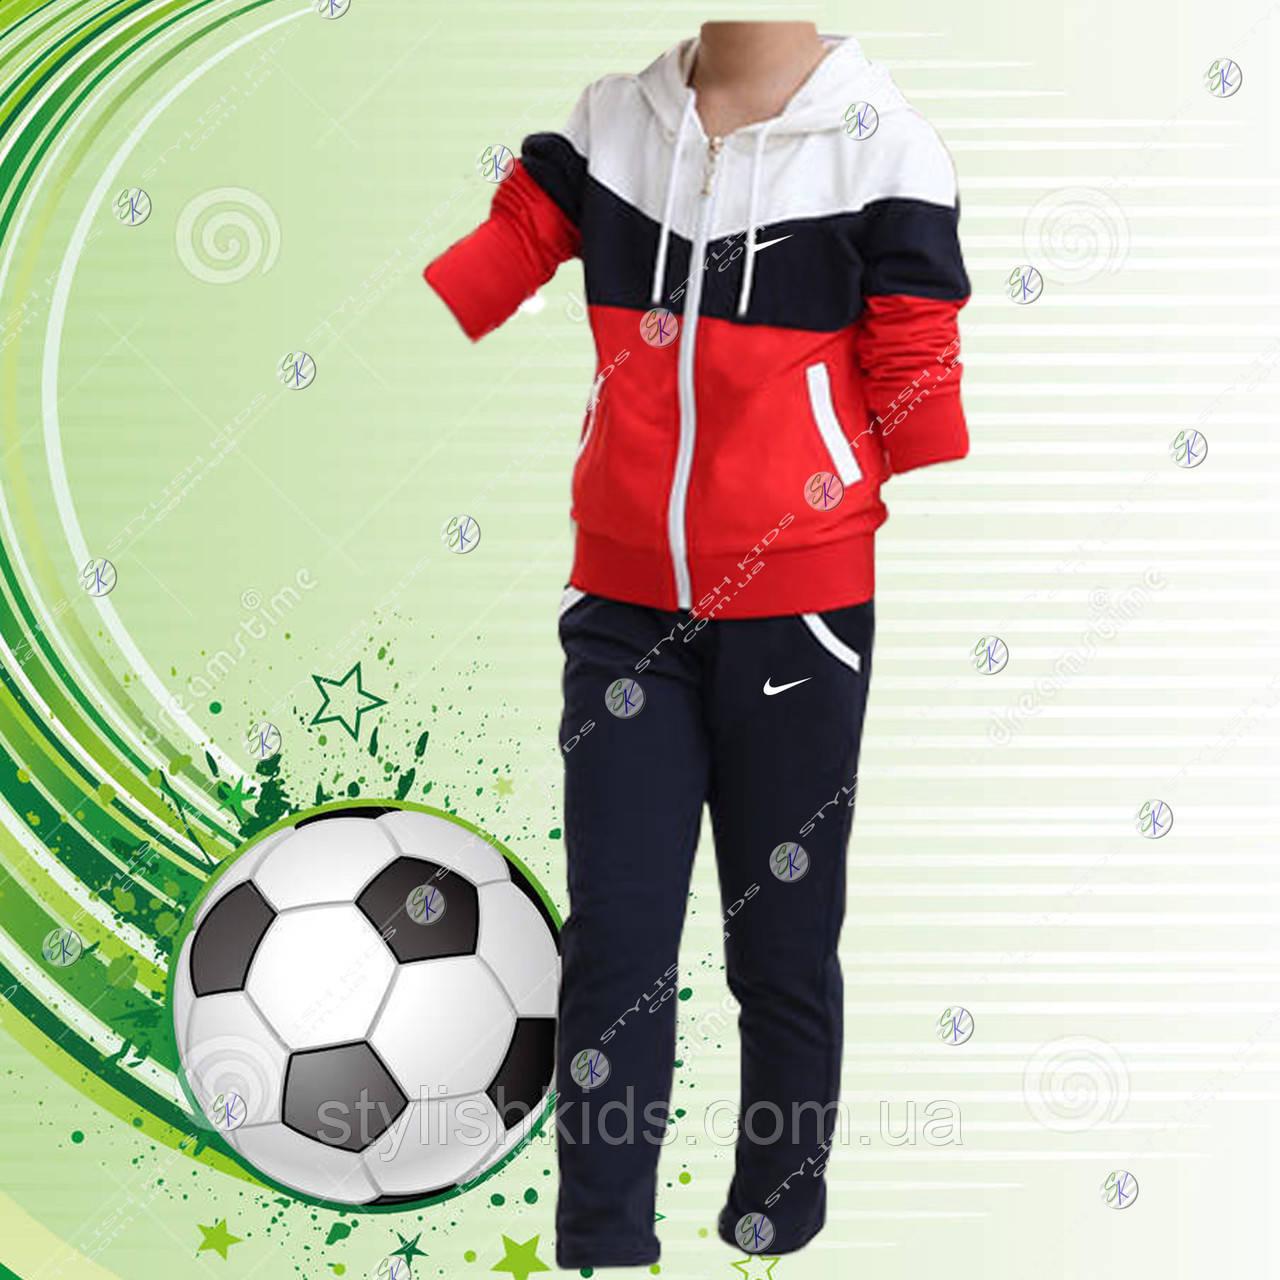 4d6aaf3c122e54 Подростковый спортивный костюм Найк в интернет магазине.спортивный костюм  для подростка мальчика 134р-164р